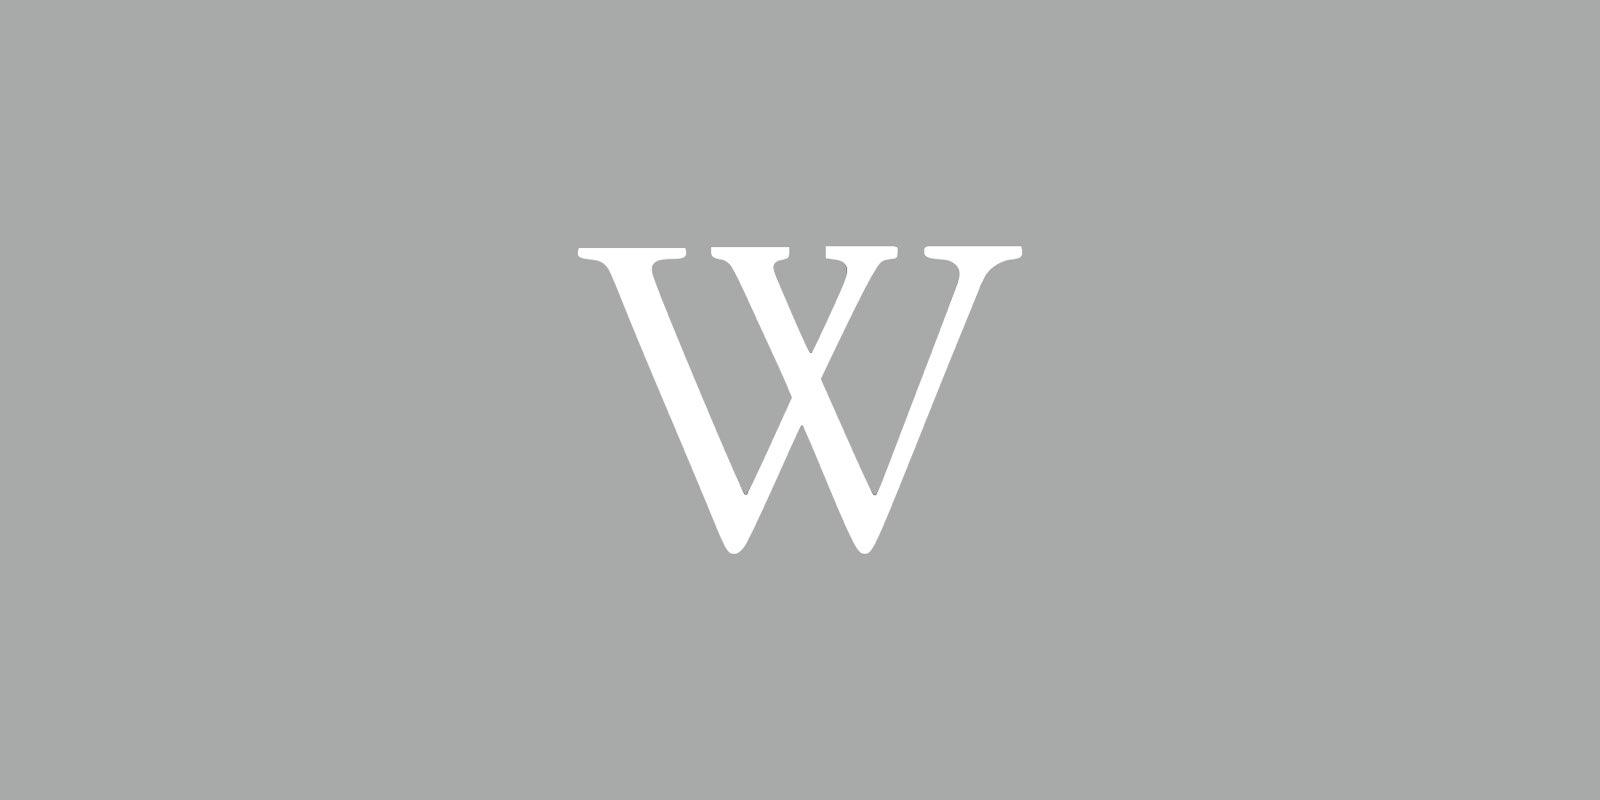 wikipedia-link.003.jpeg